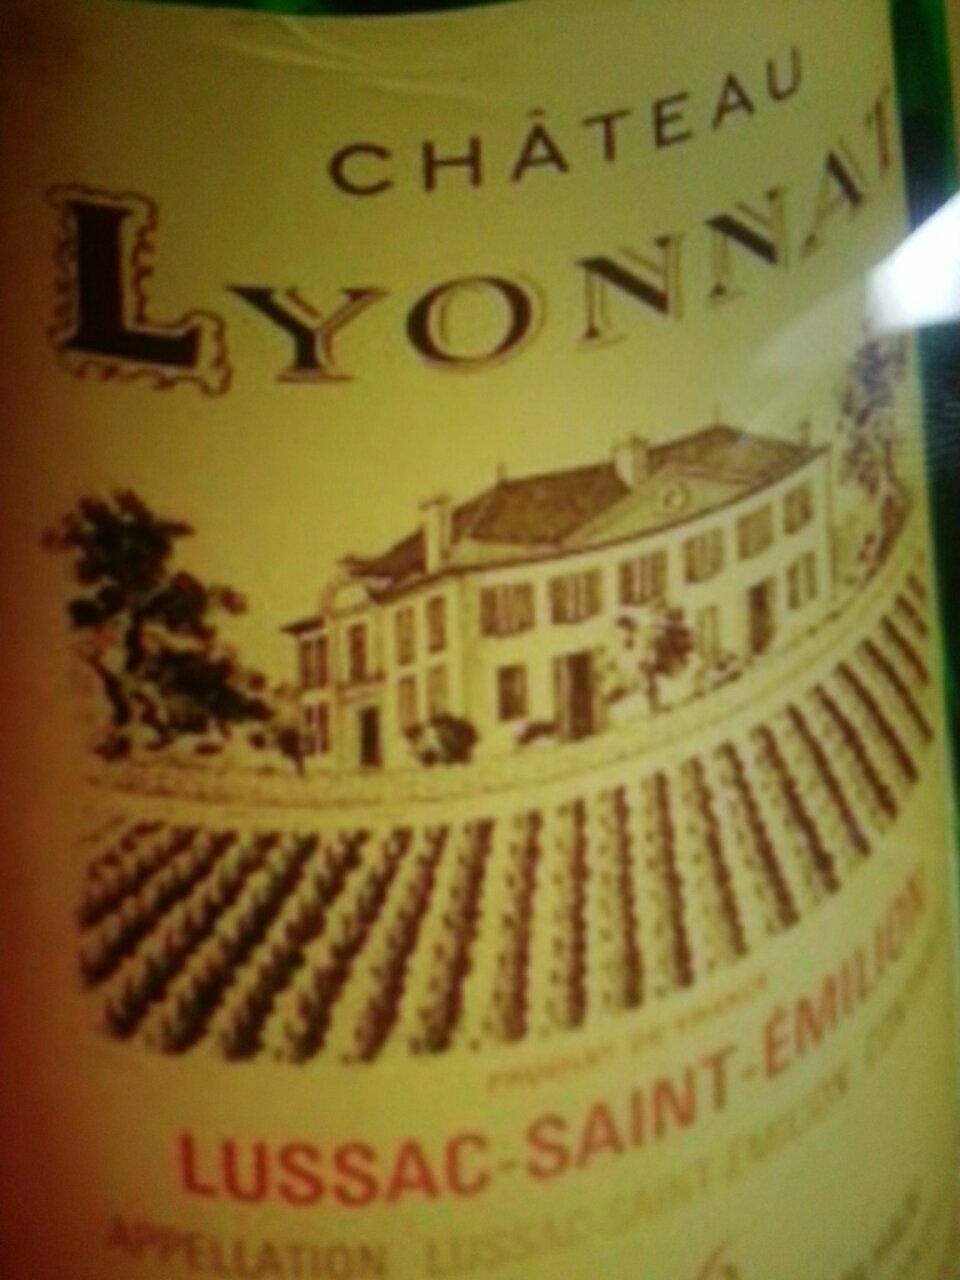 Ch teau lyonnat lussac st milion 1976 wine info for Chateau lyonnat